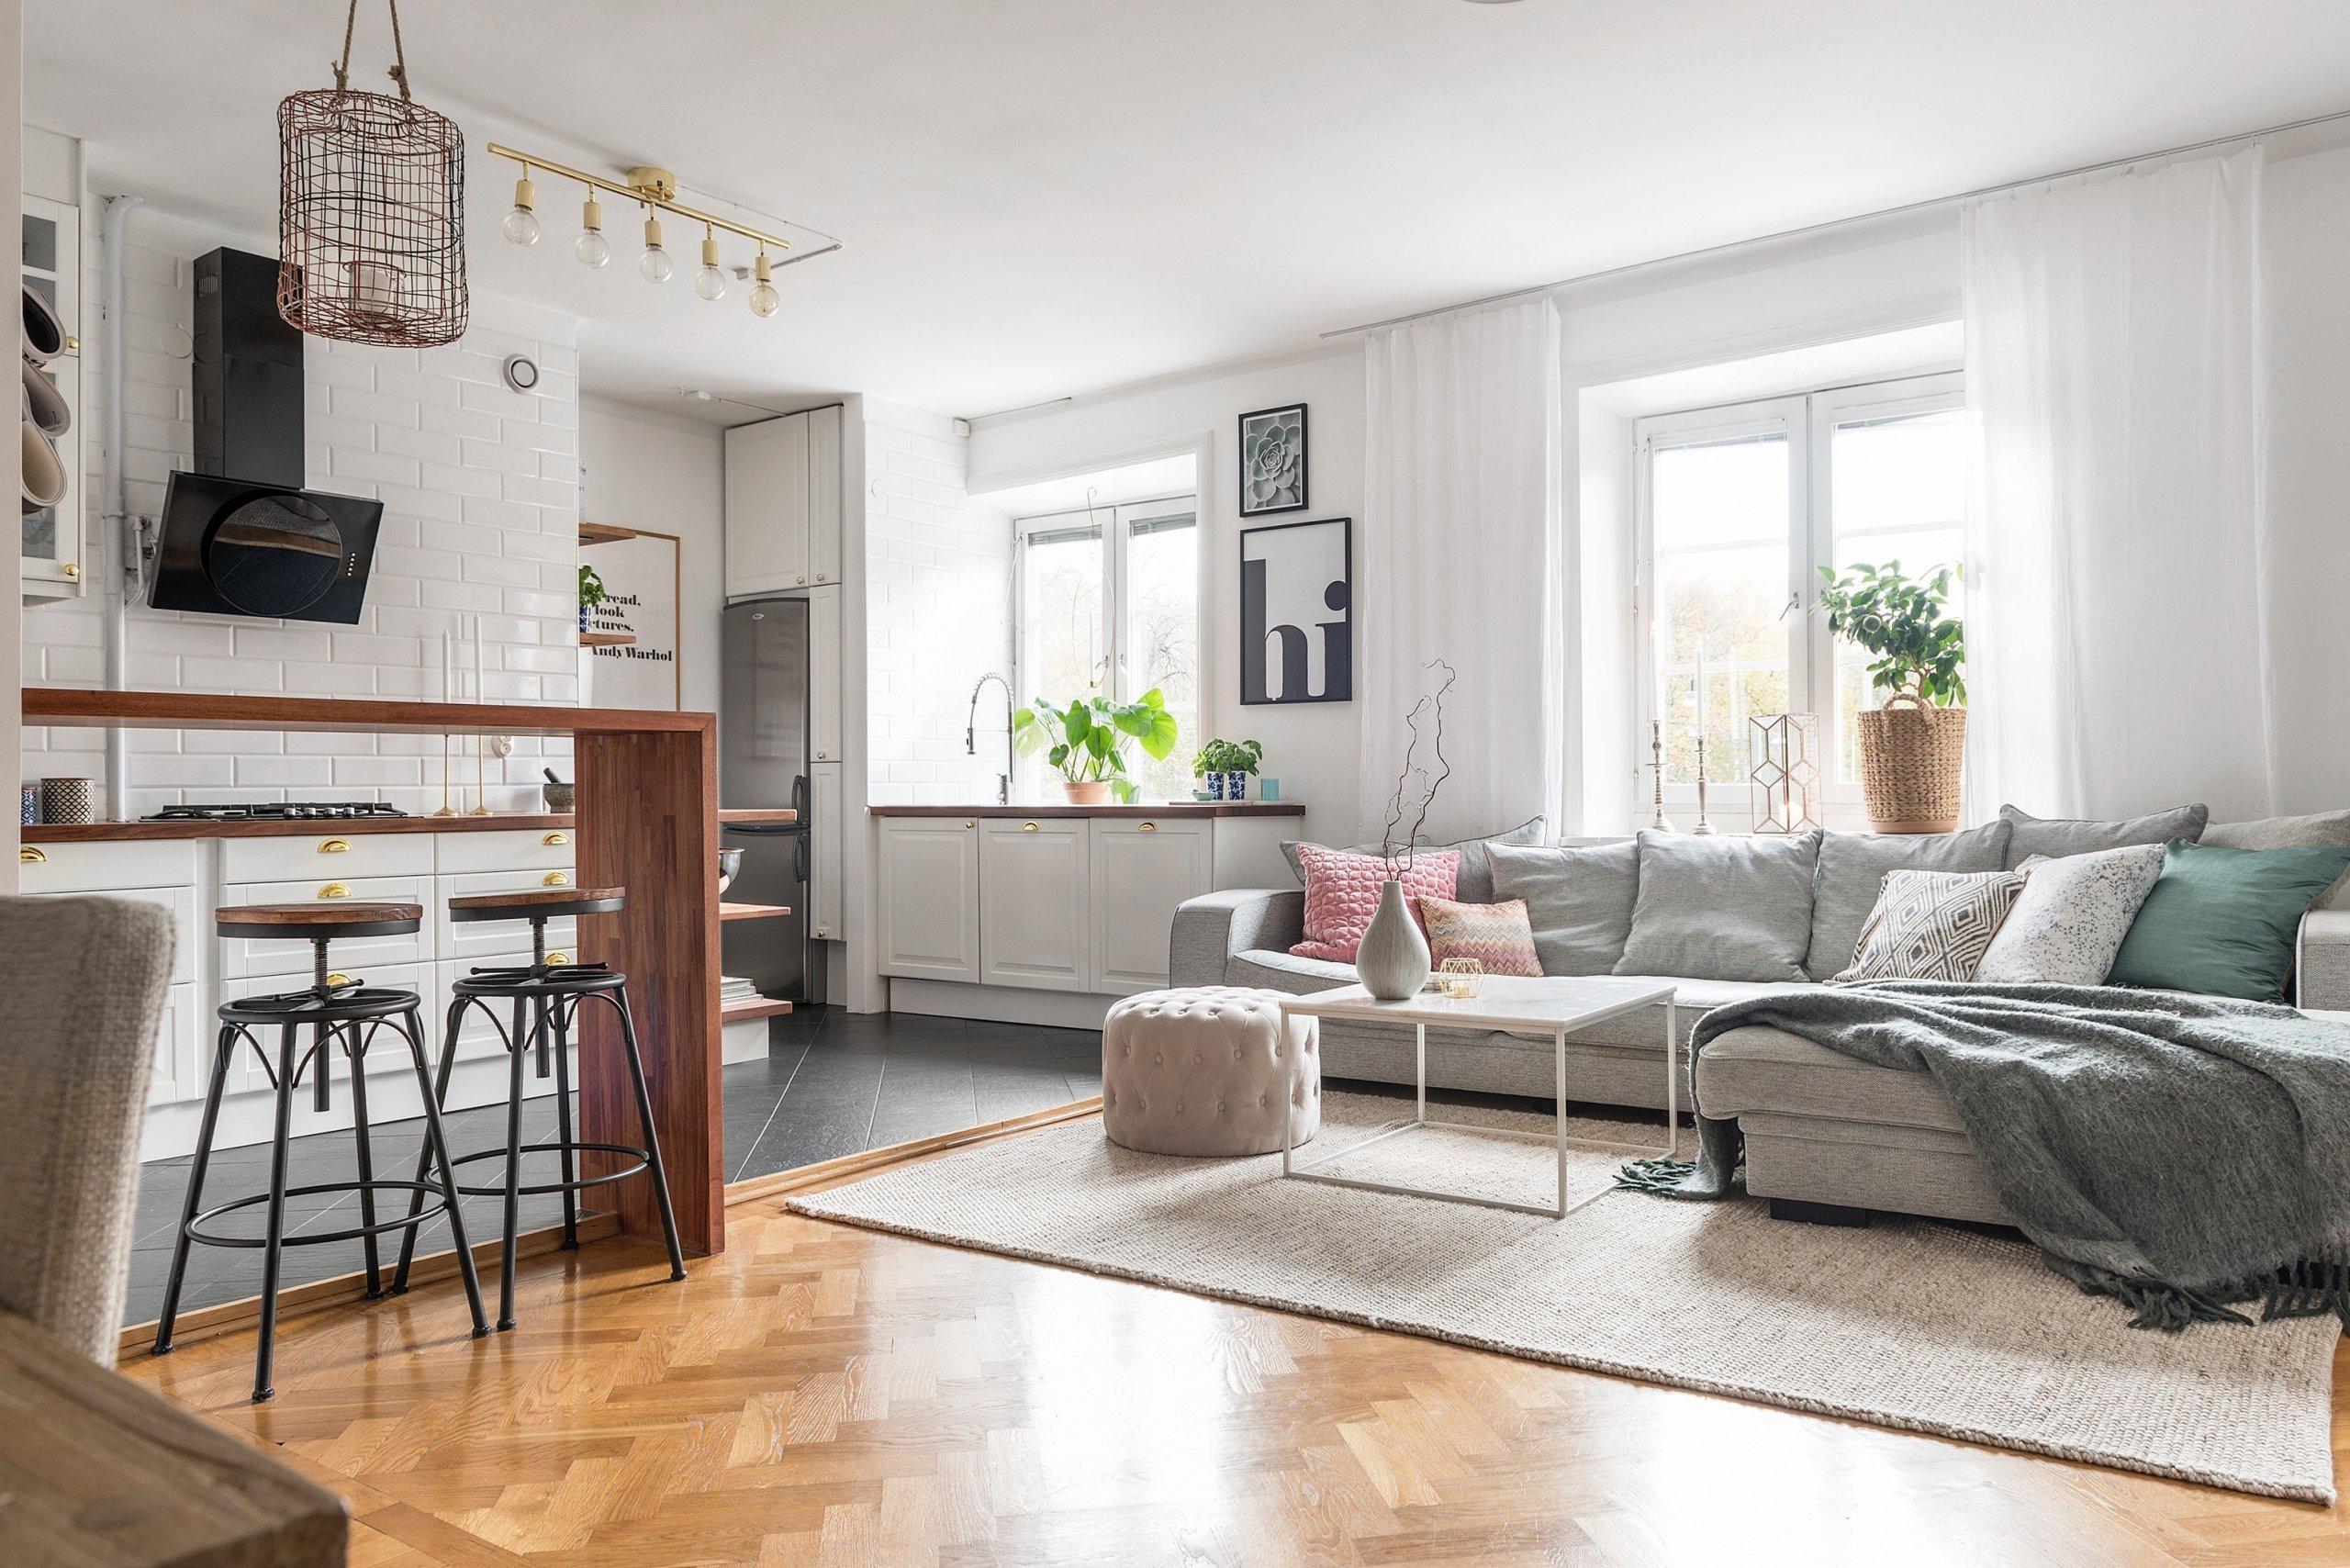 Byt, do kterého nyní společně nahlédneme, zaujme především dokonalou hrou barev. Na ploše 66 m² zde totiž vzniklo příjemné bydlení ve skandinávském stylu s pastelovými akcenty.